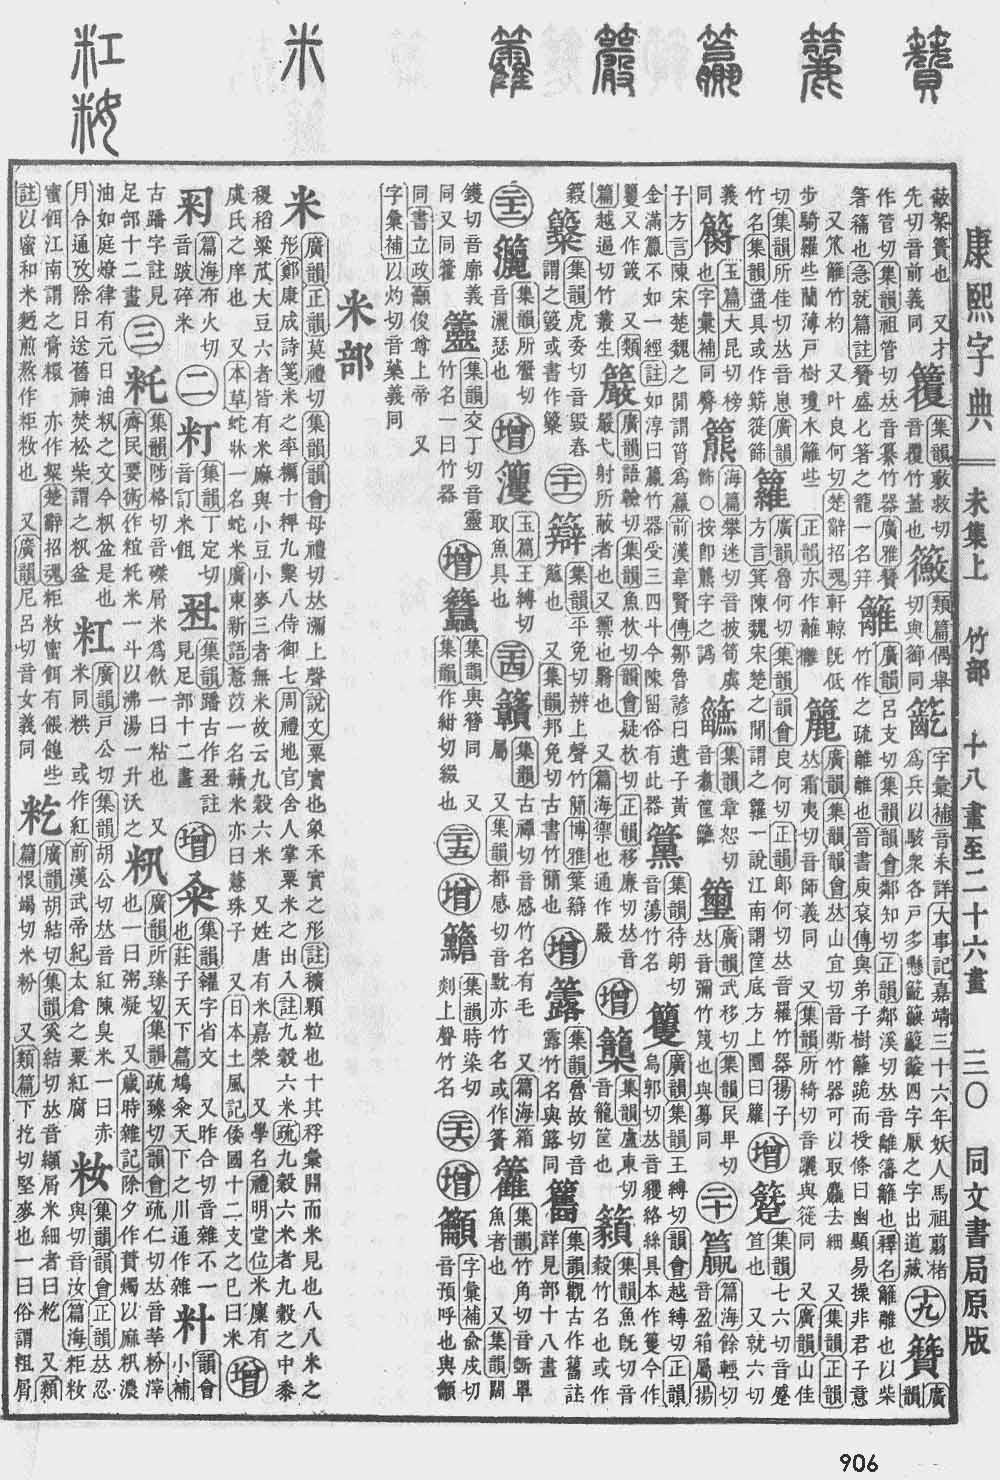 《康熙字典》第906页